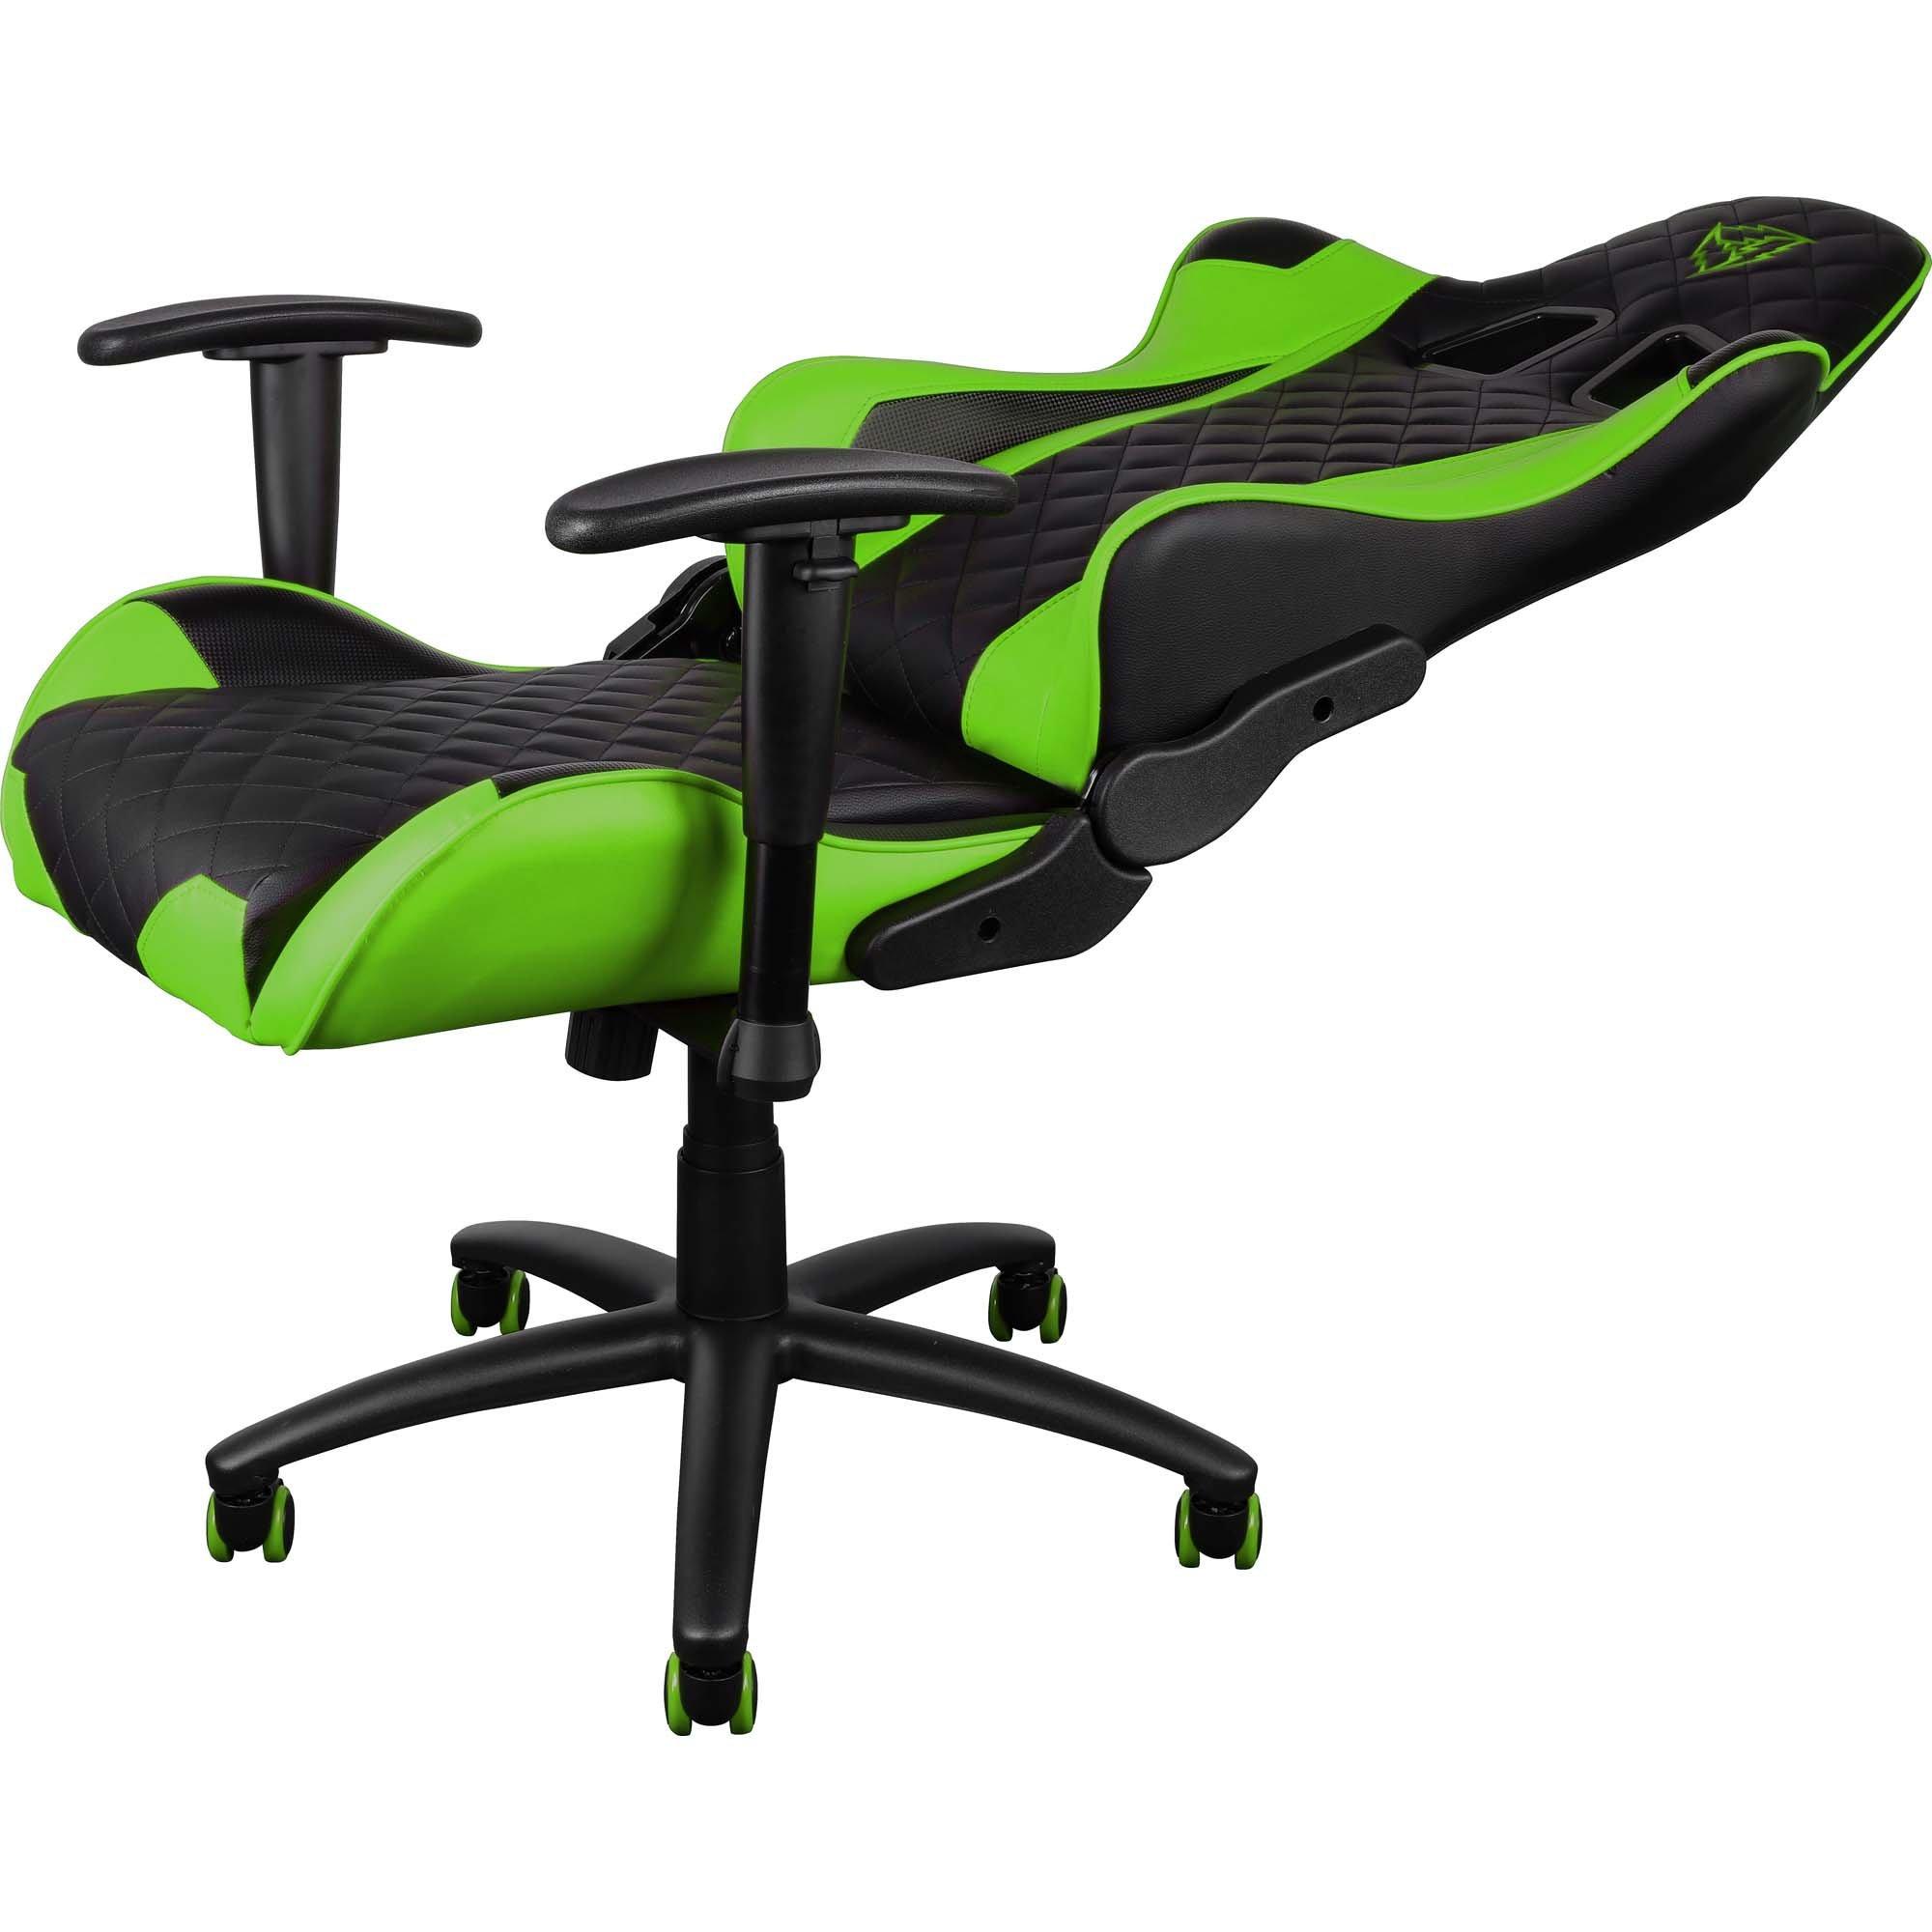 cadeira gamer rapido preta verde thunderx3 profissional tgc12 43832 2000 191592 1